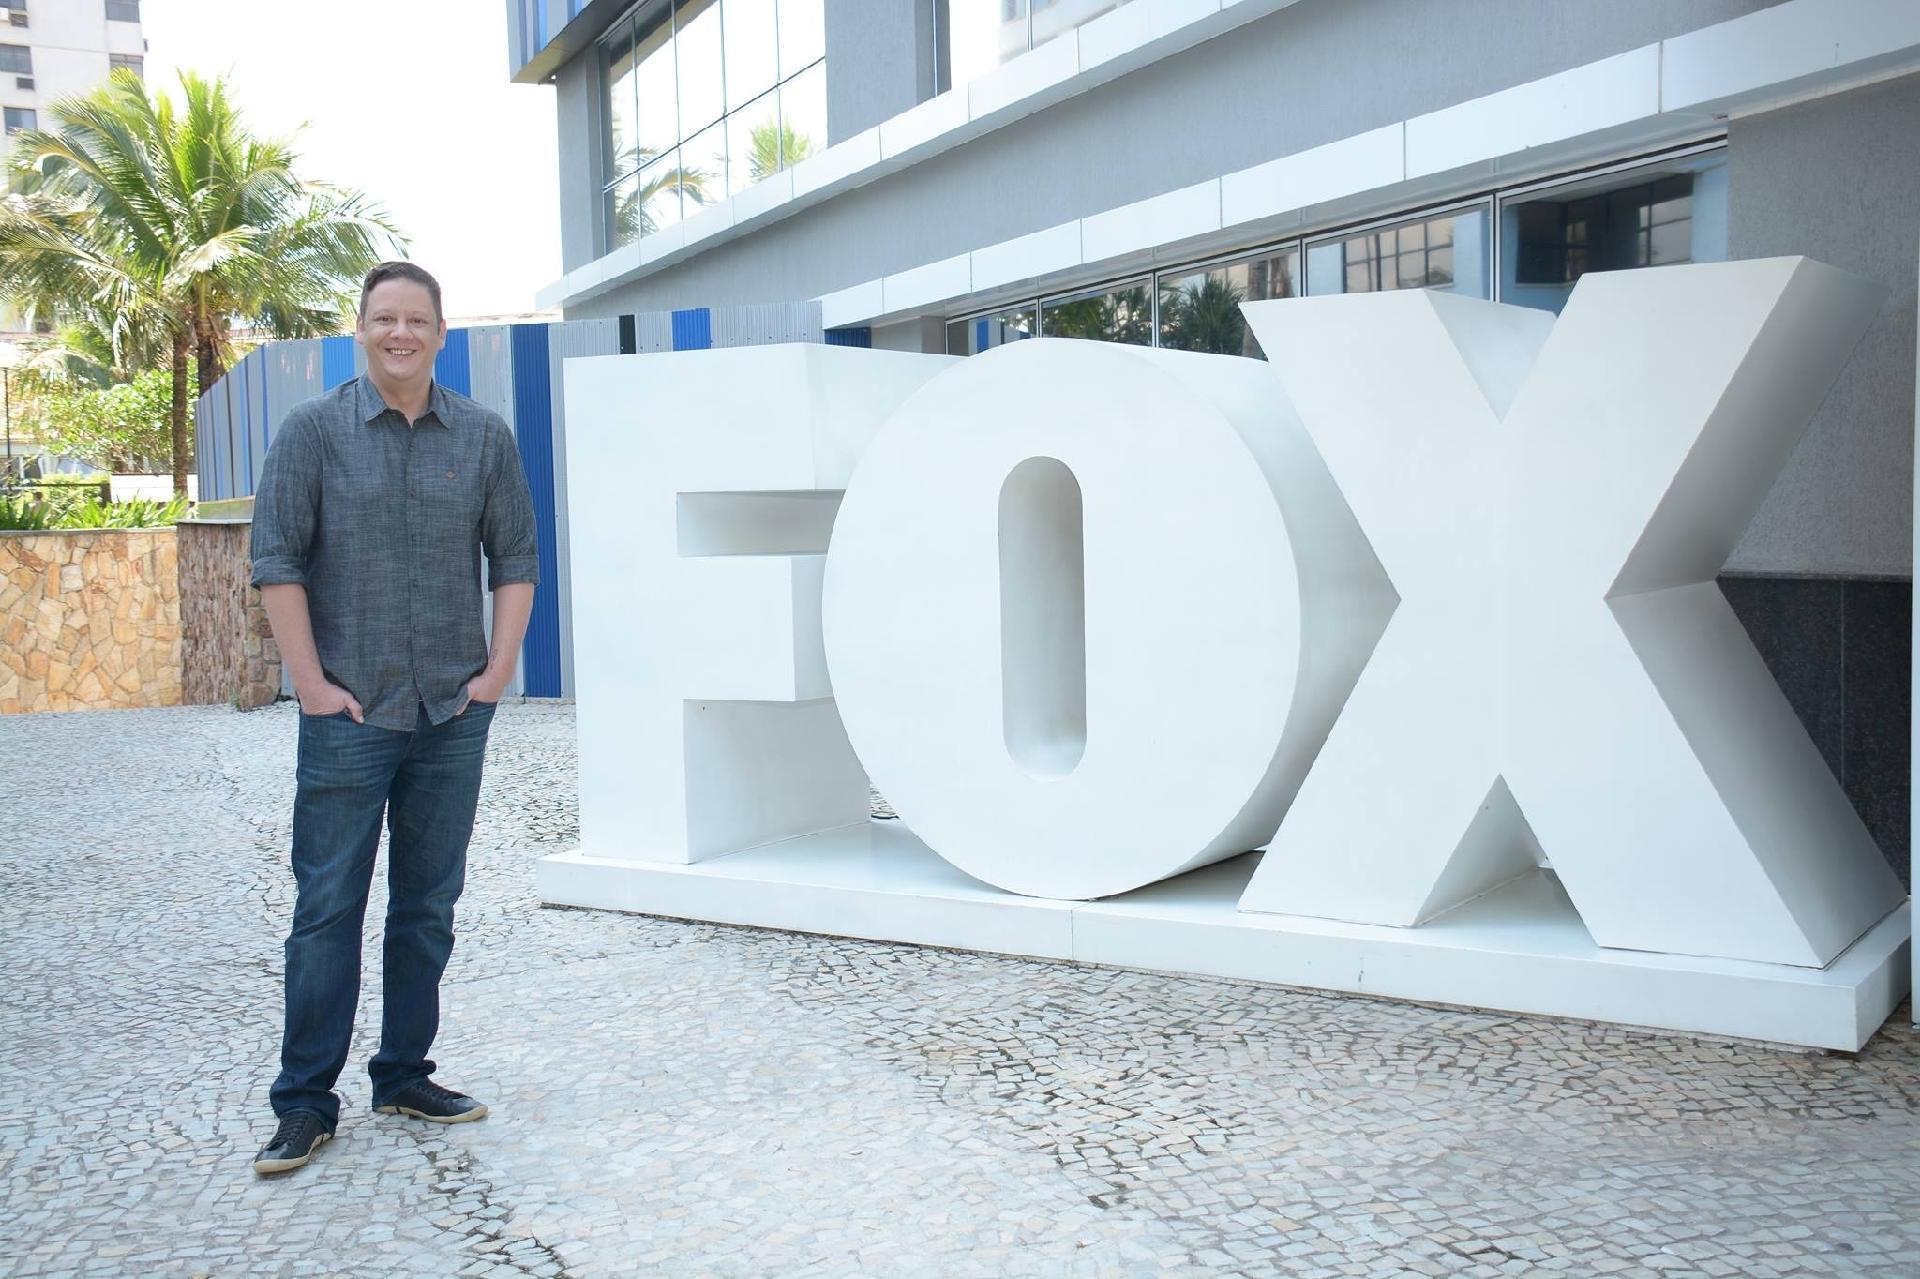 FOX Sports esvazia SP e vai concentrar toda sua produção no Rio de Janeiro  - 02 06 2017 - UOL TV e Famosos aee63803da